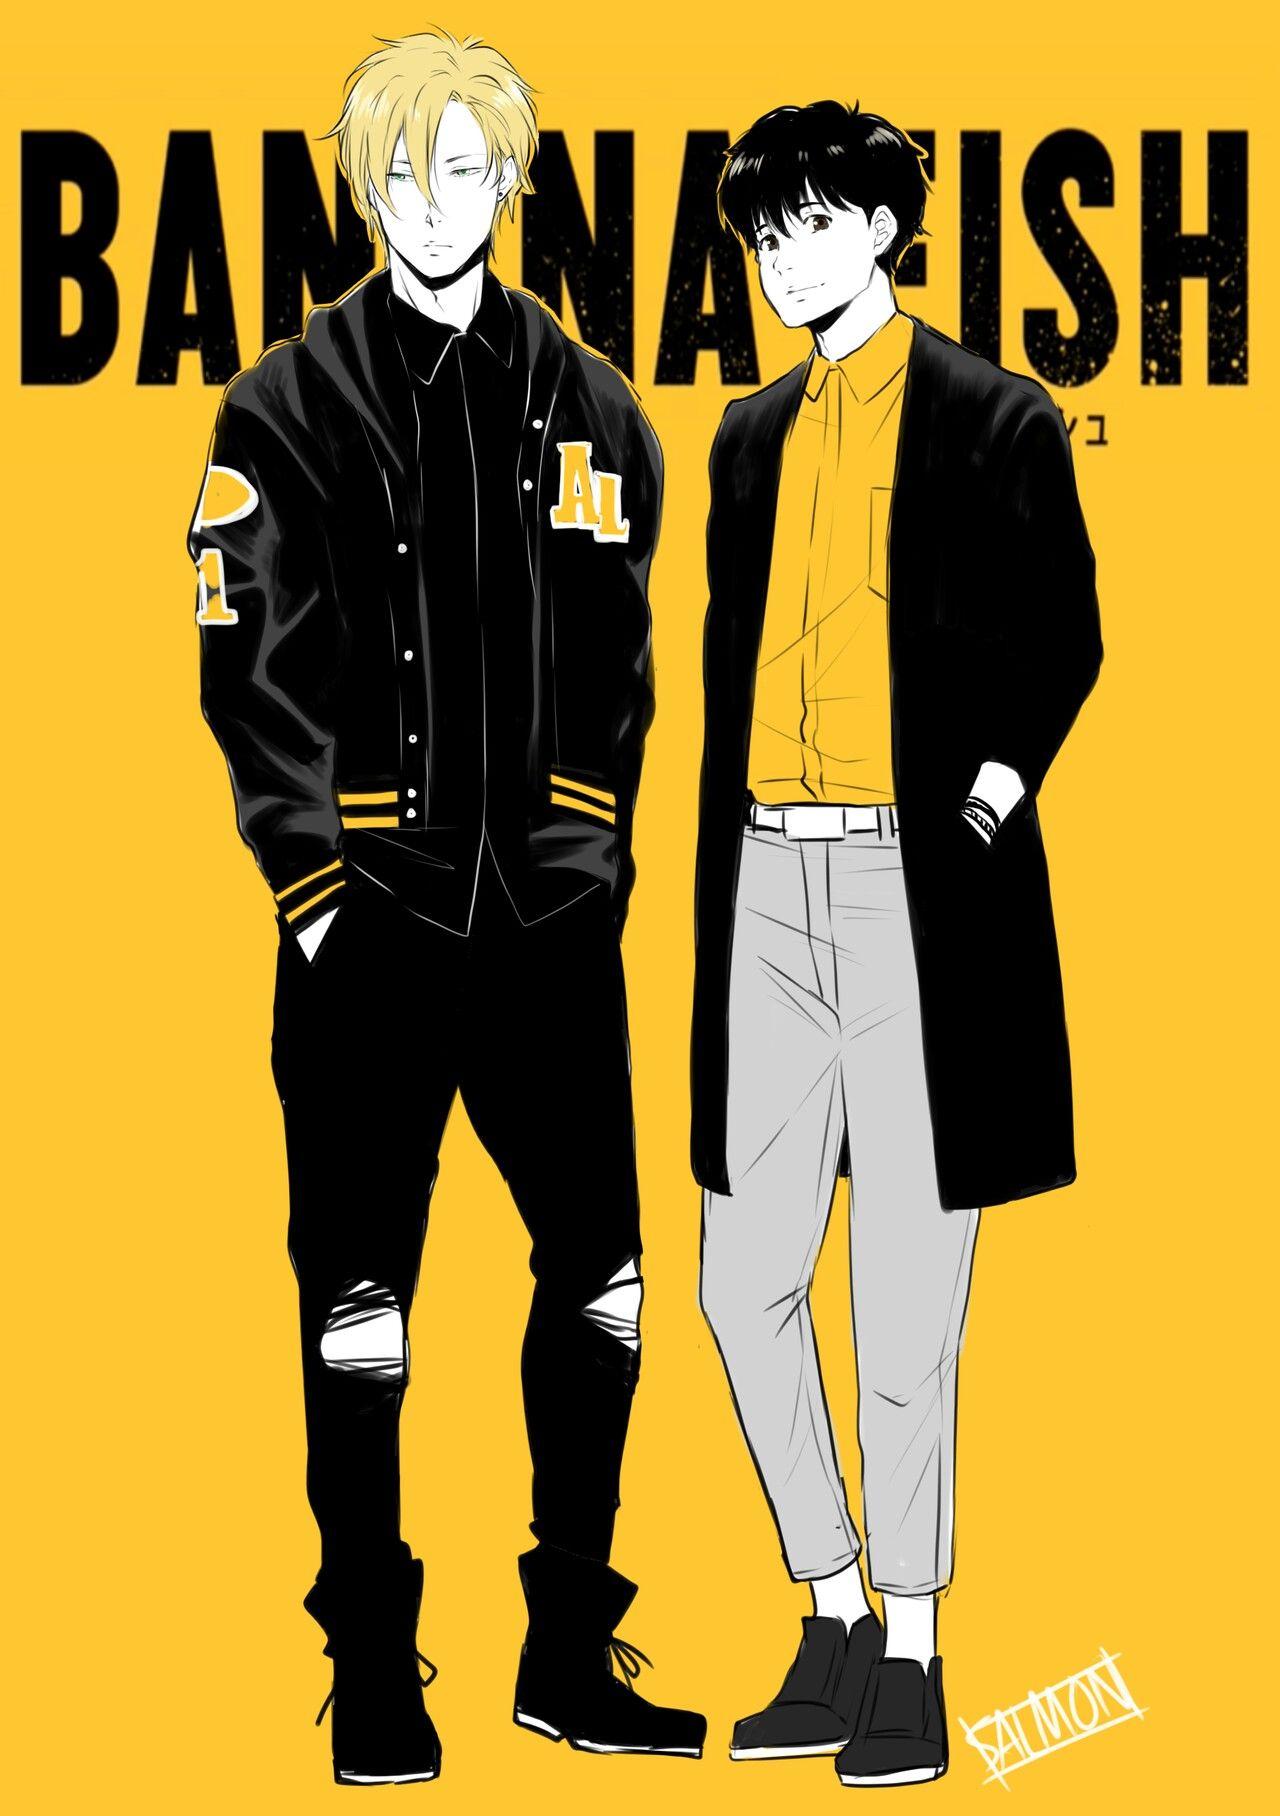 Bananafish Eijiokumura Eiji Ashlynx Ash Anime Animewallpaper Animeboys Iphonewallpaper Wallpaper Yandere Manga Fish Wallpaper Cute Anime Wallpaper